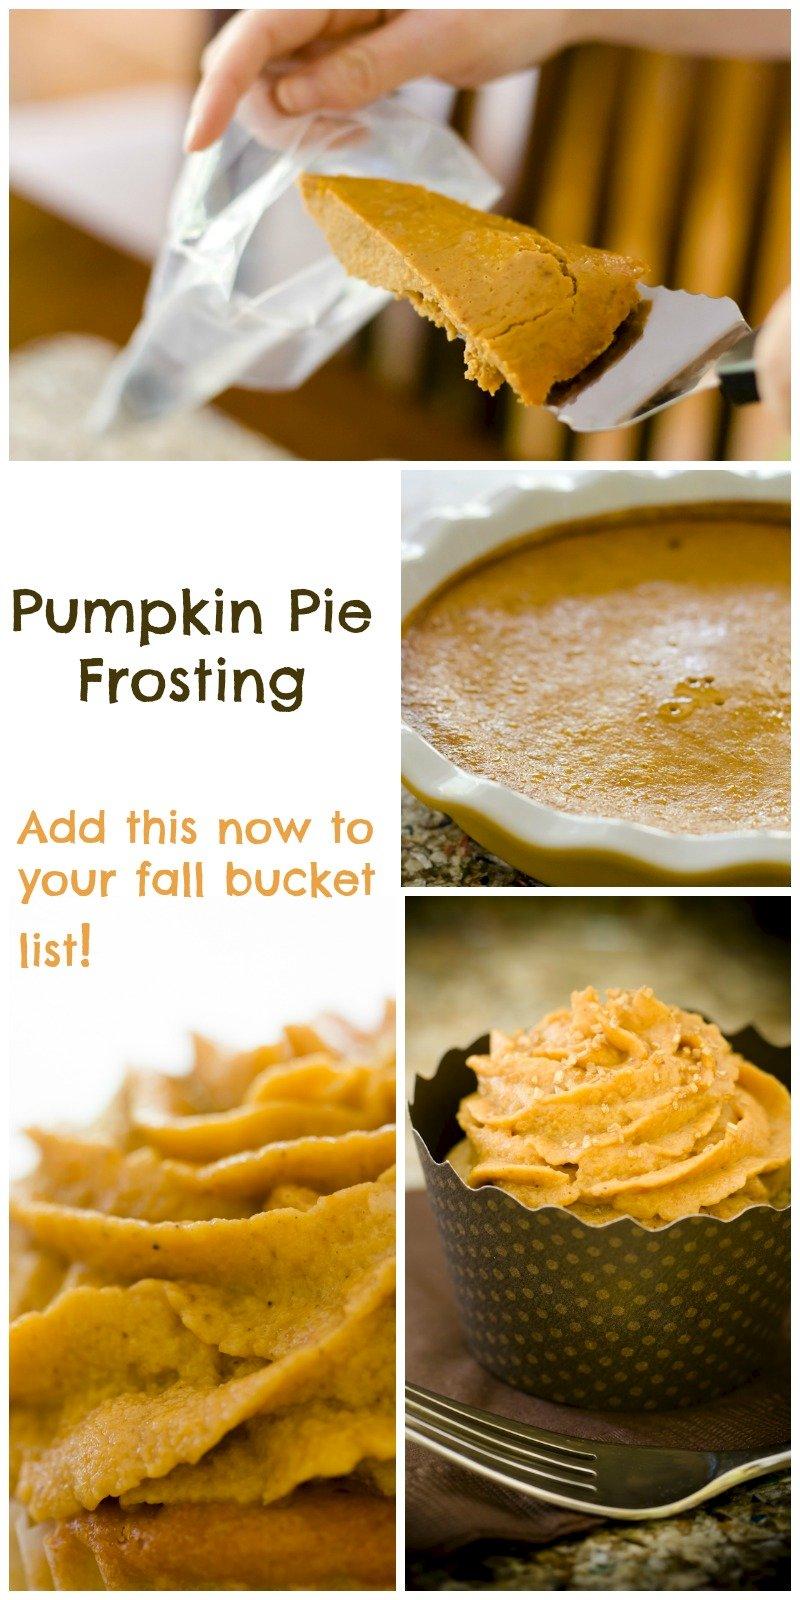 Pumkin Pie Frosting